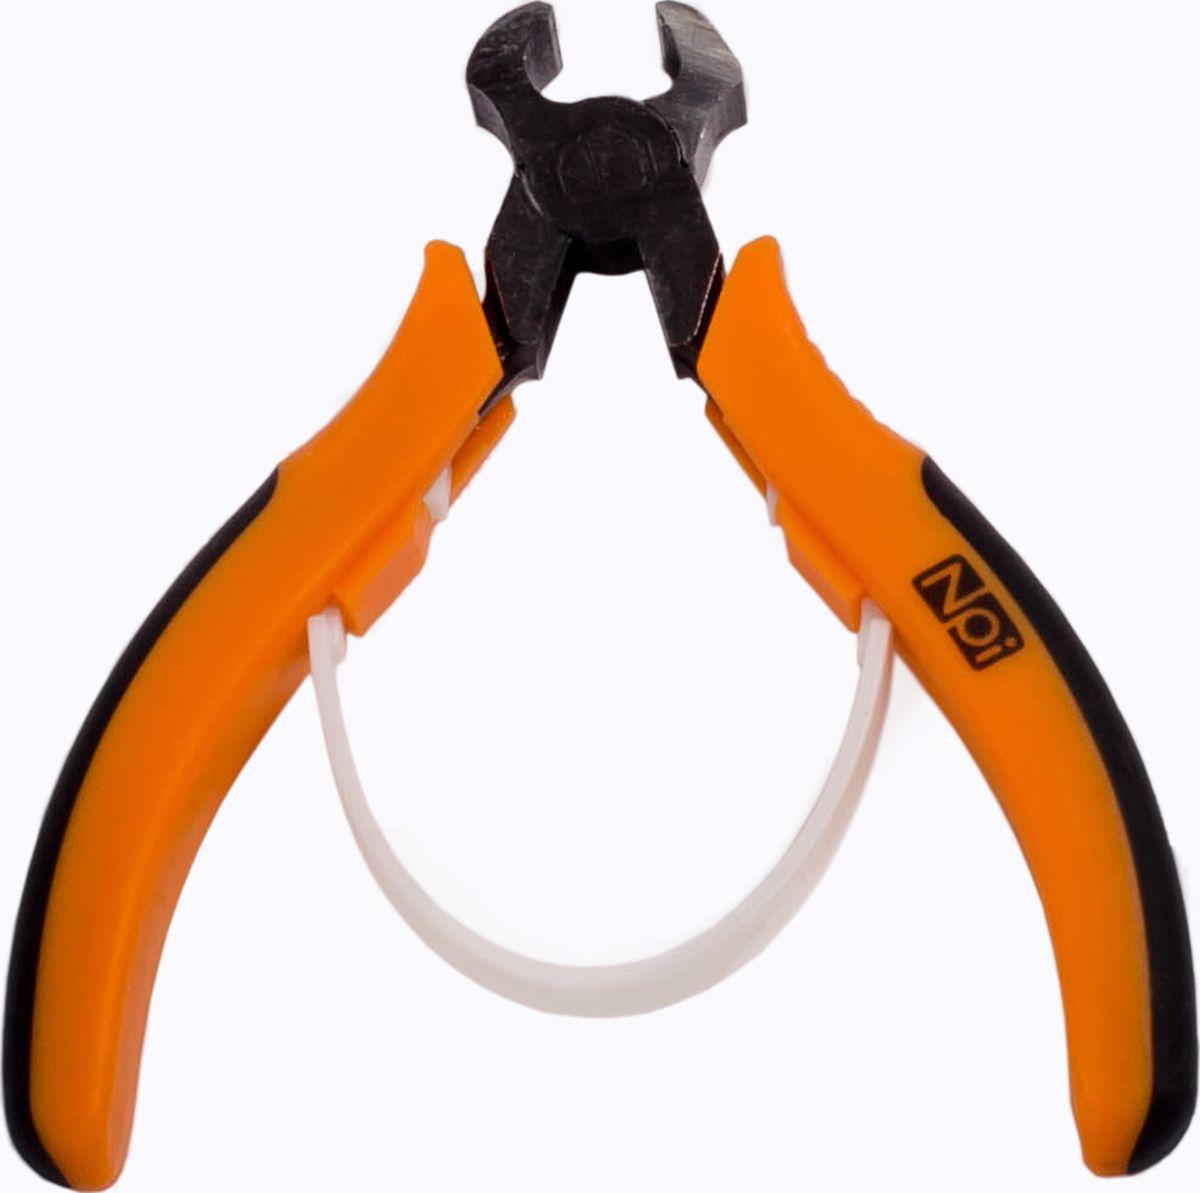 Кусачки торцевые NPI, 115 мм80621Кусачки торцевые NPI 115мм. Длина инструмента 115 мм. Удлиненные режущие кромки для выполнения точной резки и других тонких работ. Режущие кромки, закаленные дополнительно индуктивным методом. Режущая часть сделана из хром-ванадиевой стали. Особенности модели:Двухкомпонентная эргономическая рукоятка, обеспечивает удобную работу. Нейлоновая пружина большой прочности.Дополнительно закаленные режущие кромки отличаются высокой твердостью.